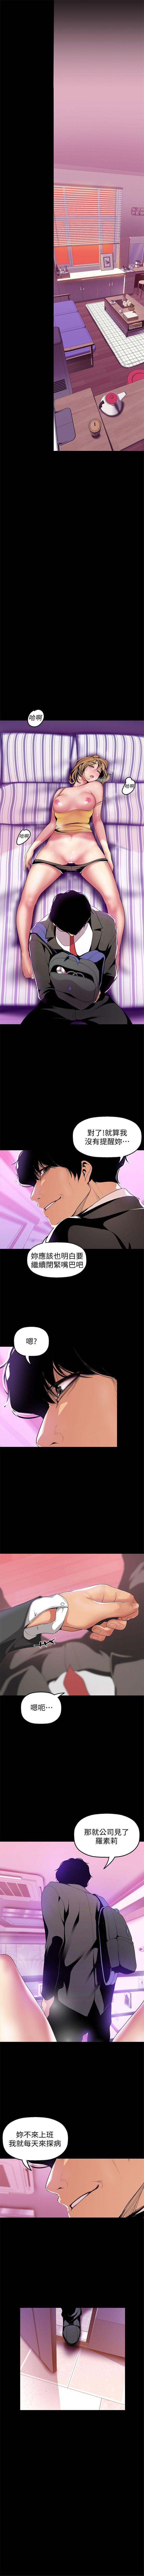 (周6)美丽新世界 1-61 中文翻译 (更新中) 322